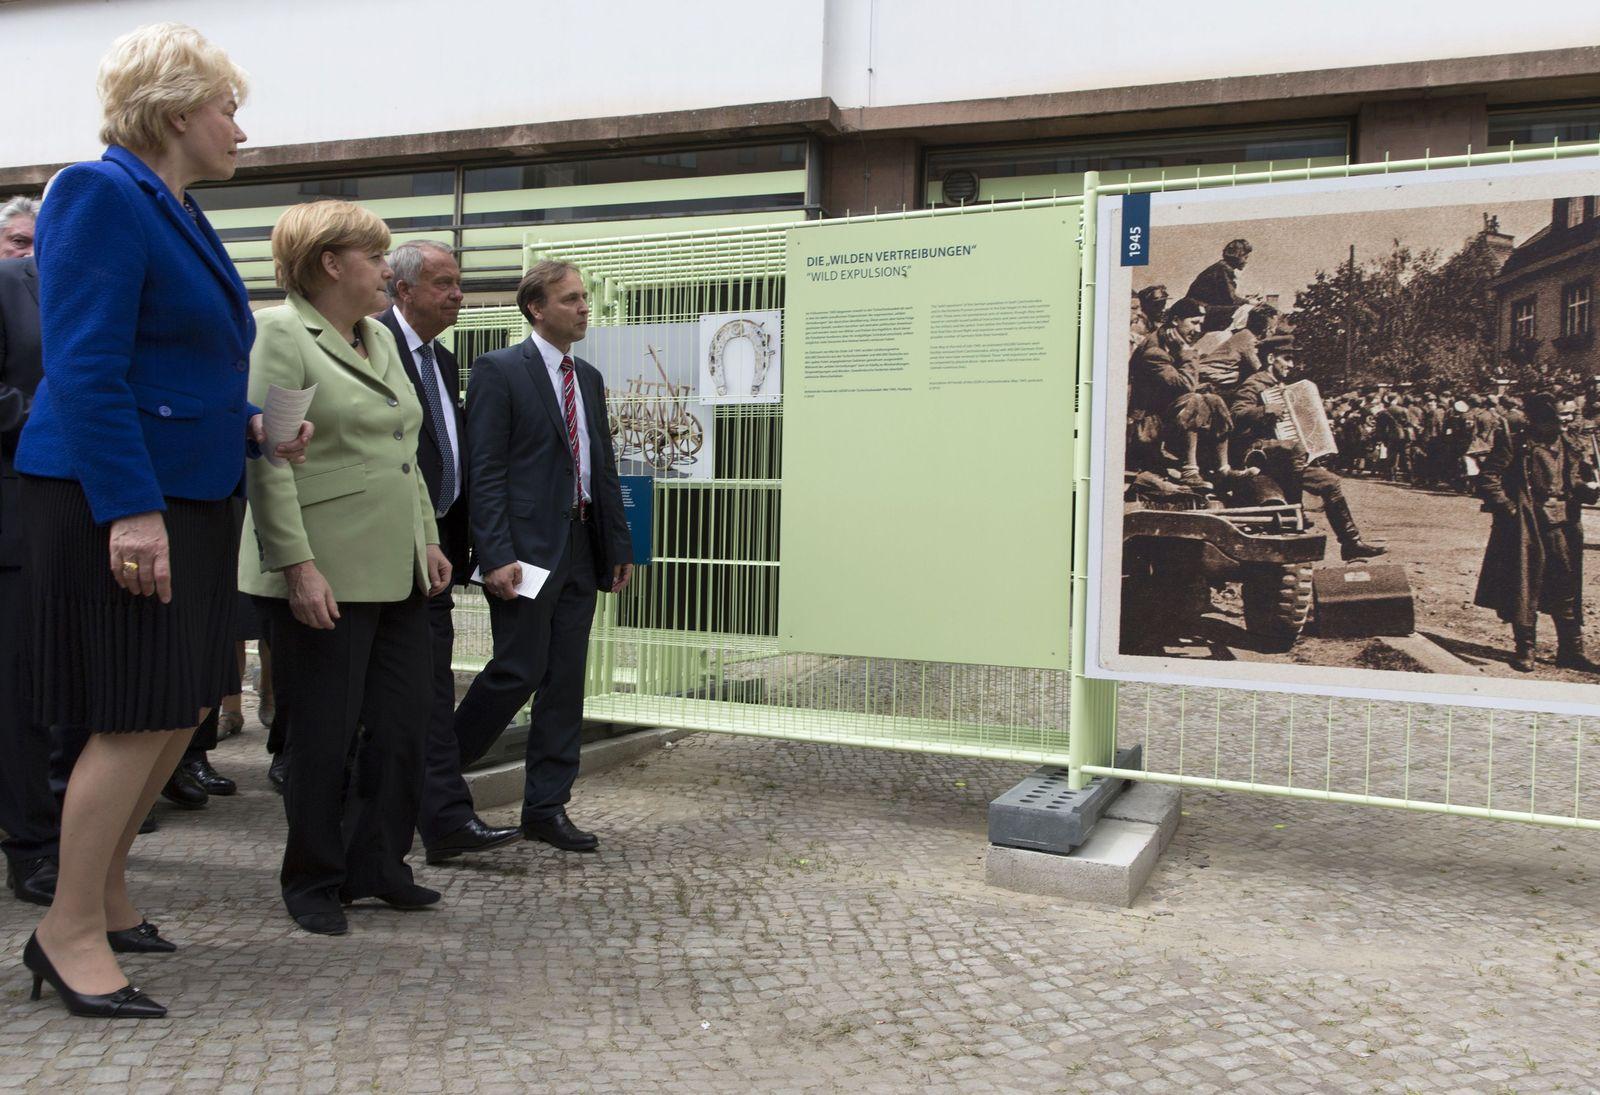 Stiftung Flucht, Vertreibung, Versöhnung